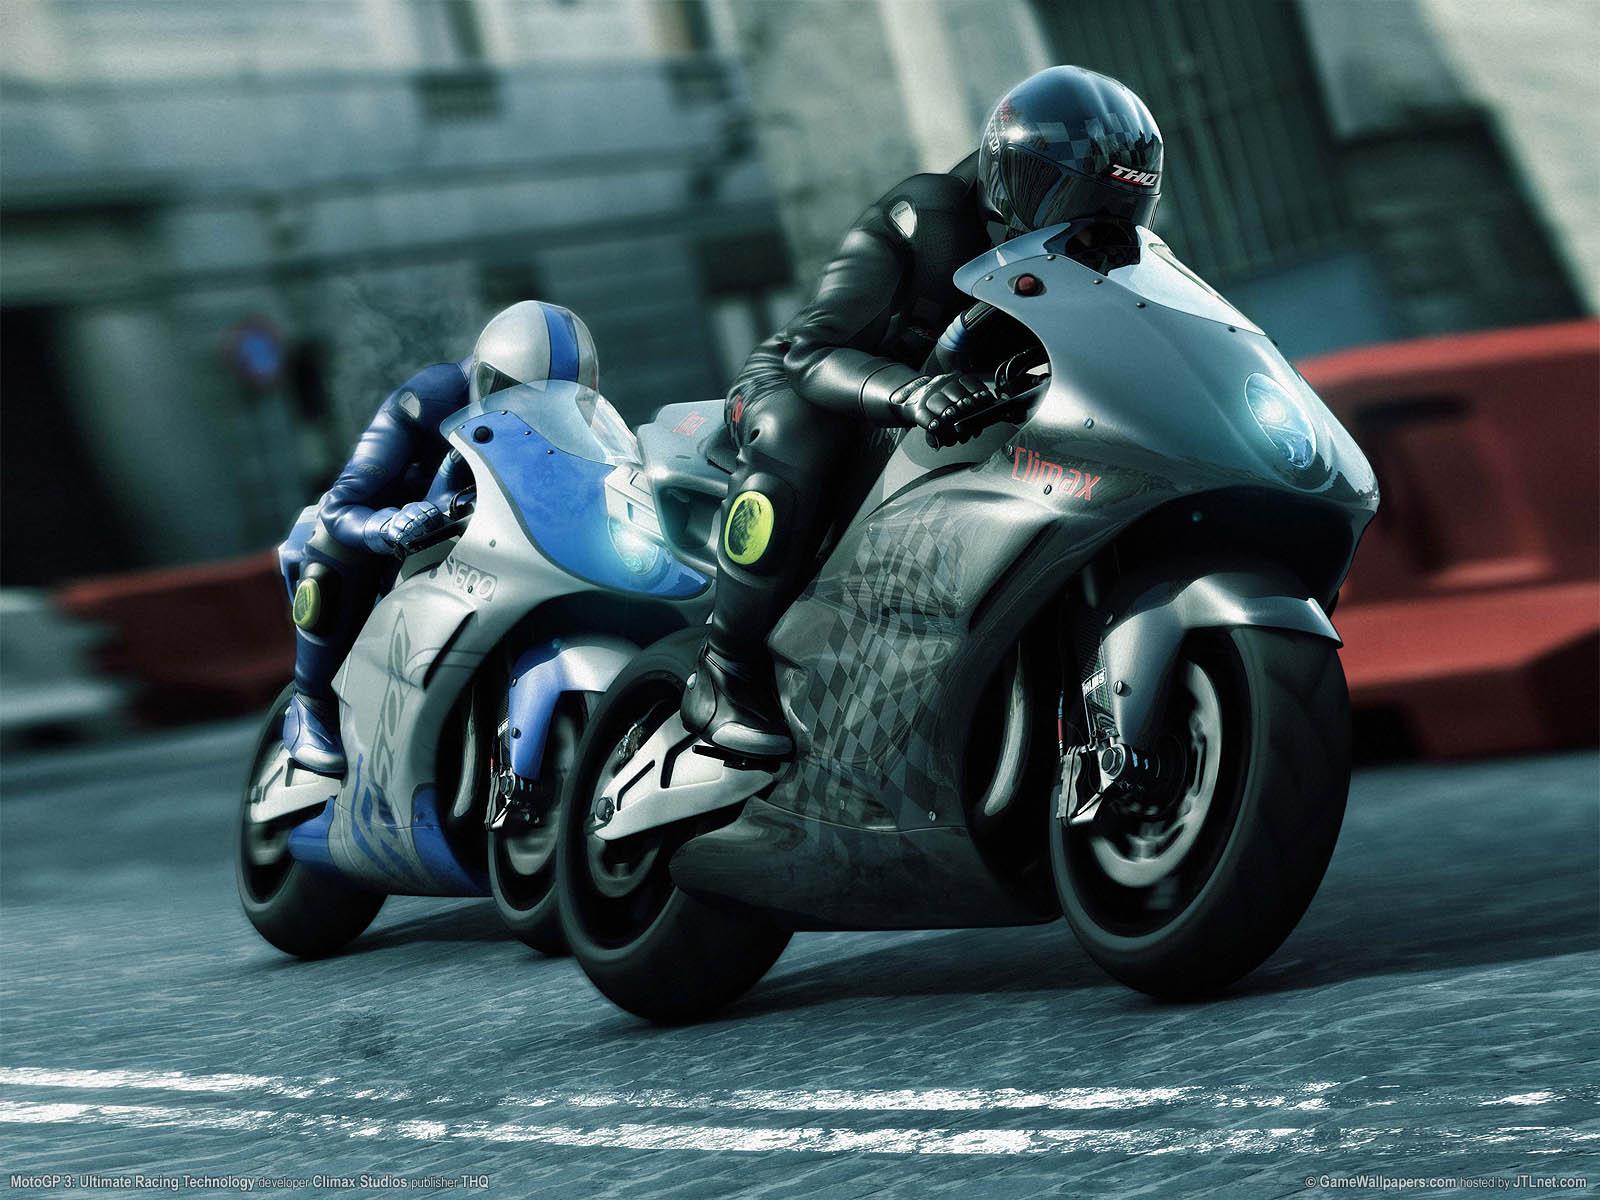 MotoGP 3: Ultimate Racing Technologyνmmer=01 achtergrond  1600x1200